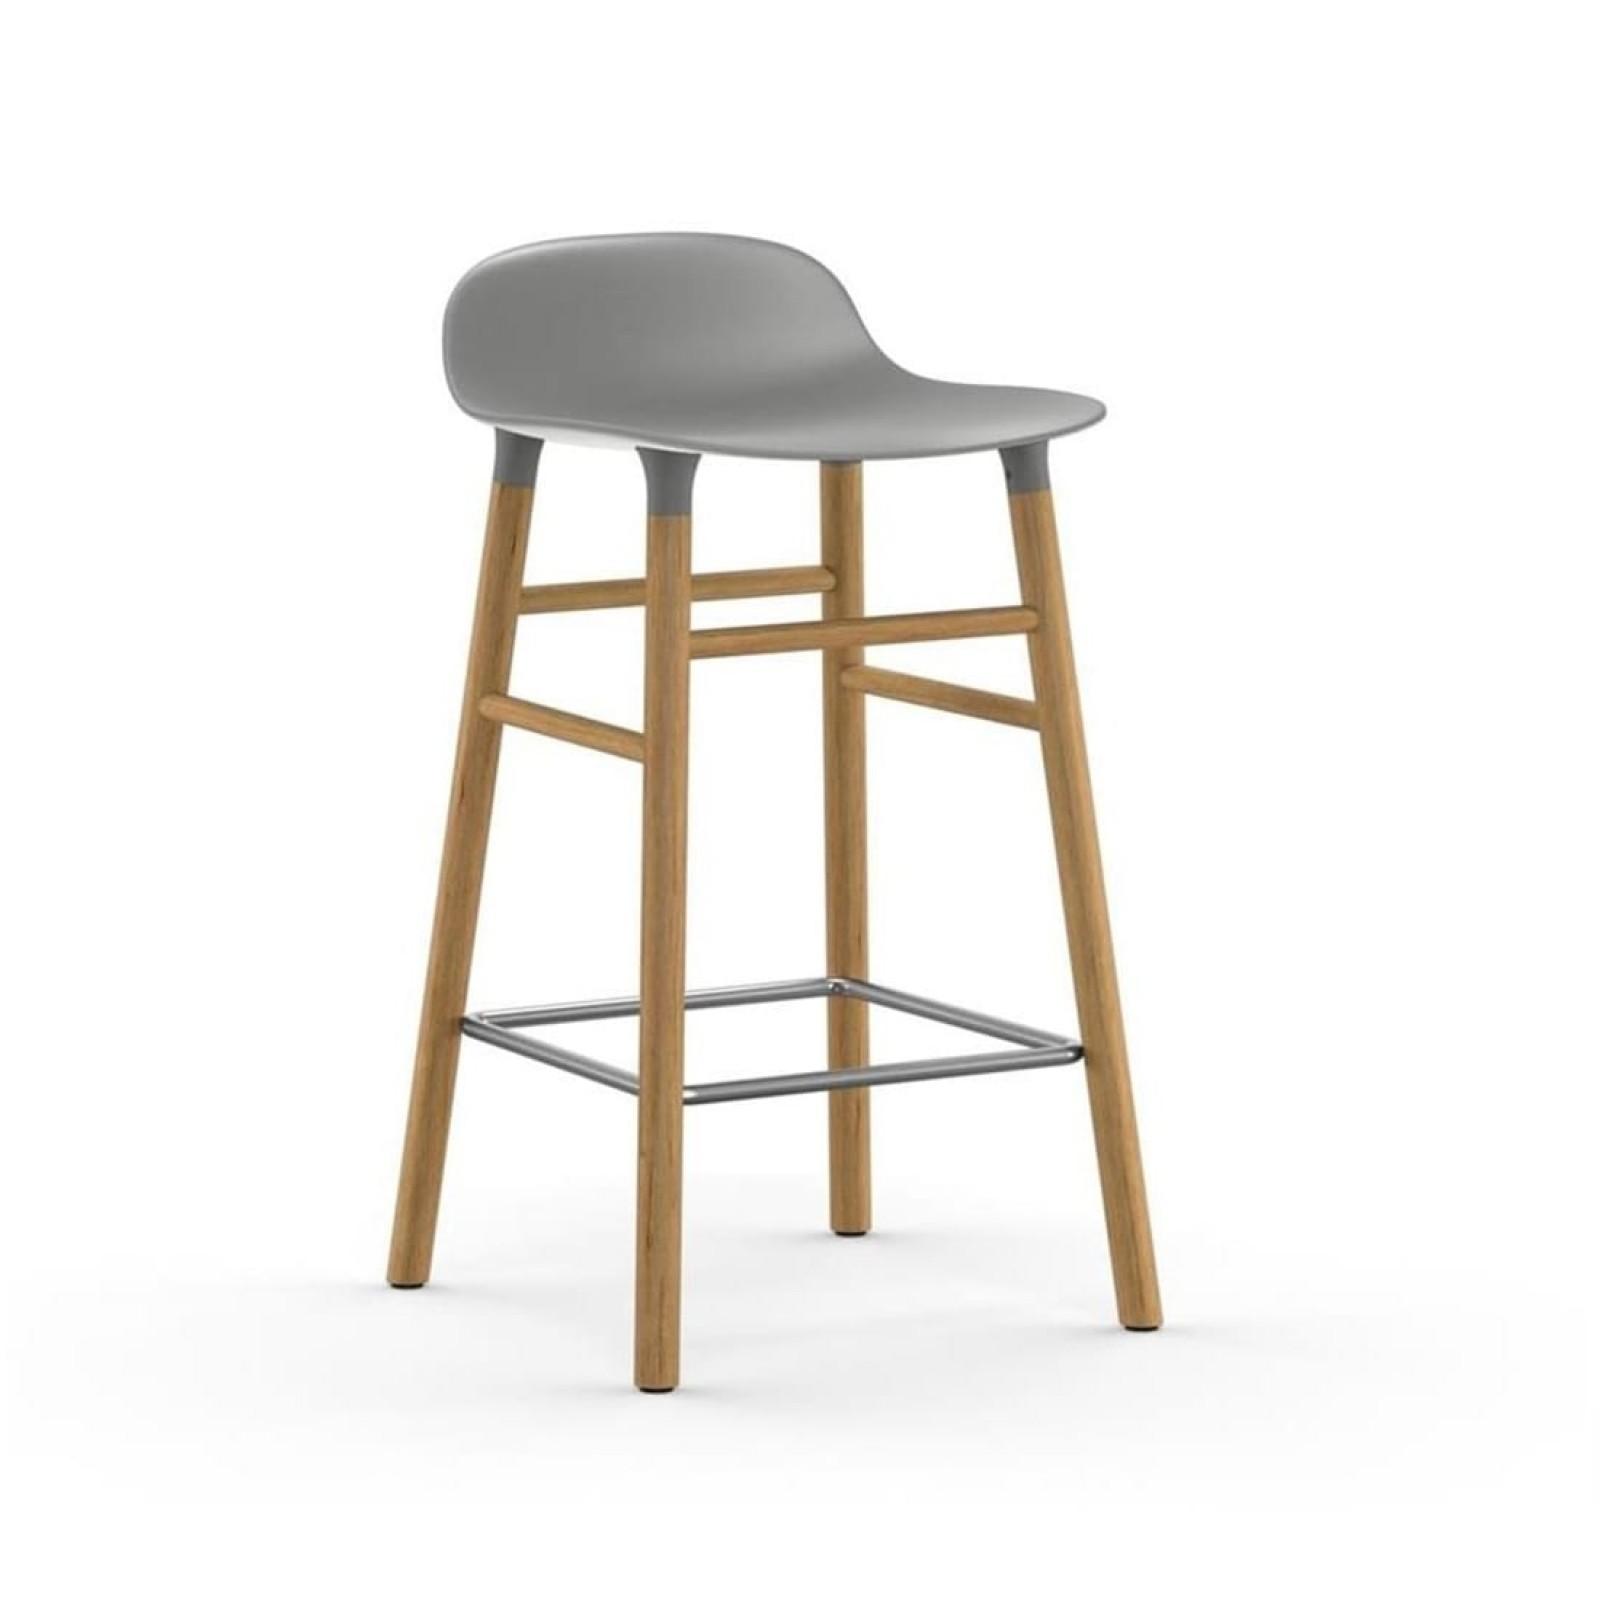 Σκαμπό Form 65 εκ. Ξύλο Βελανιδιάς (Γκρι) - Normann Copenhagen